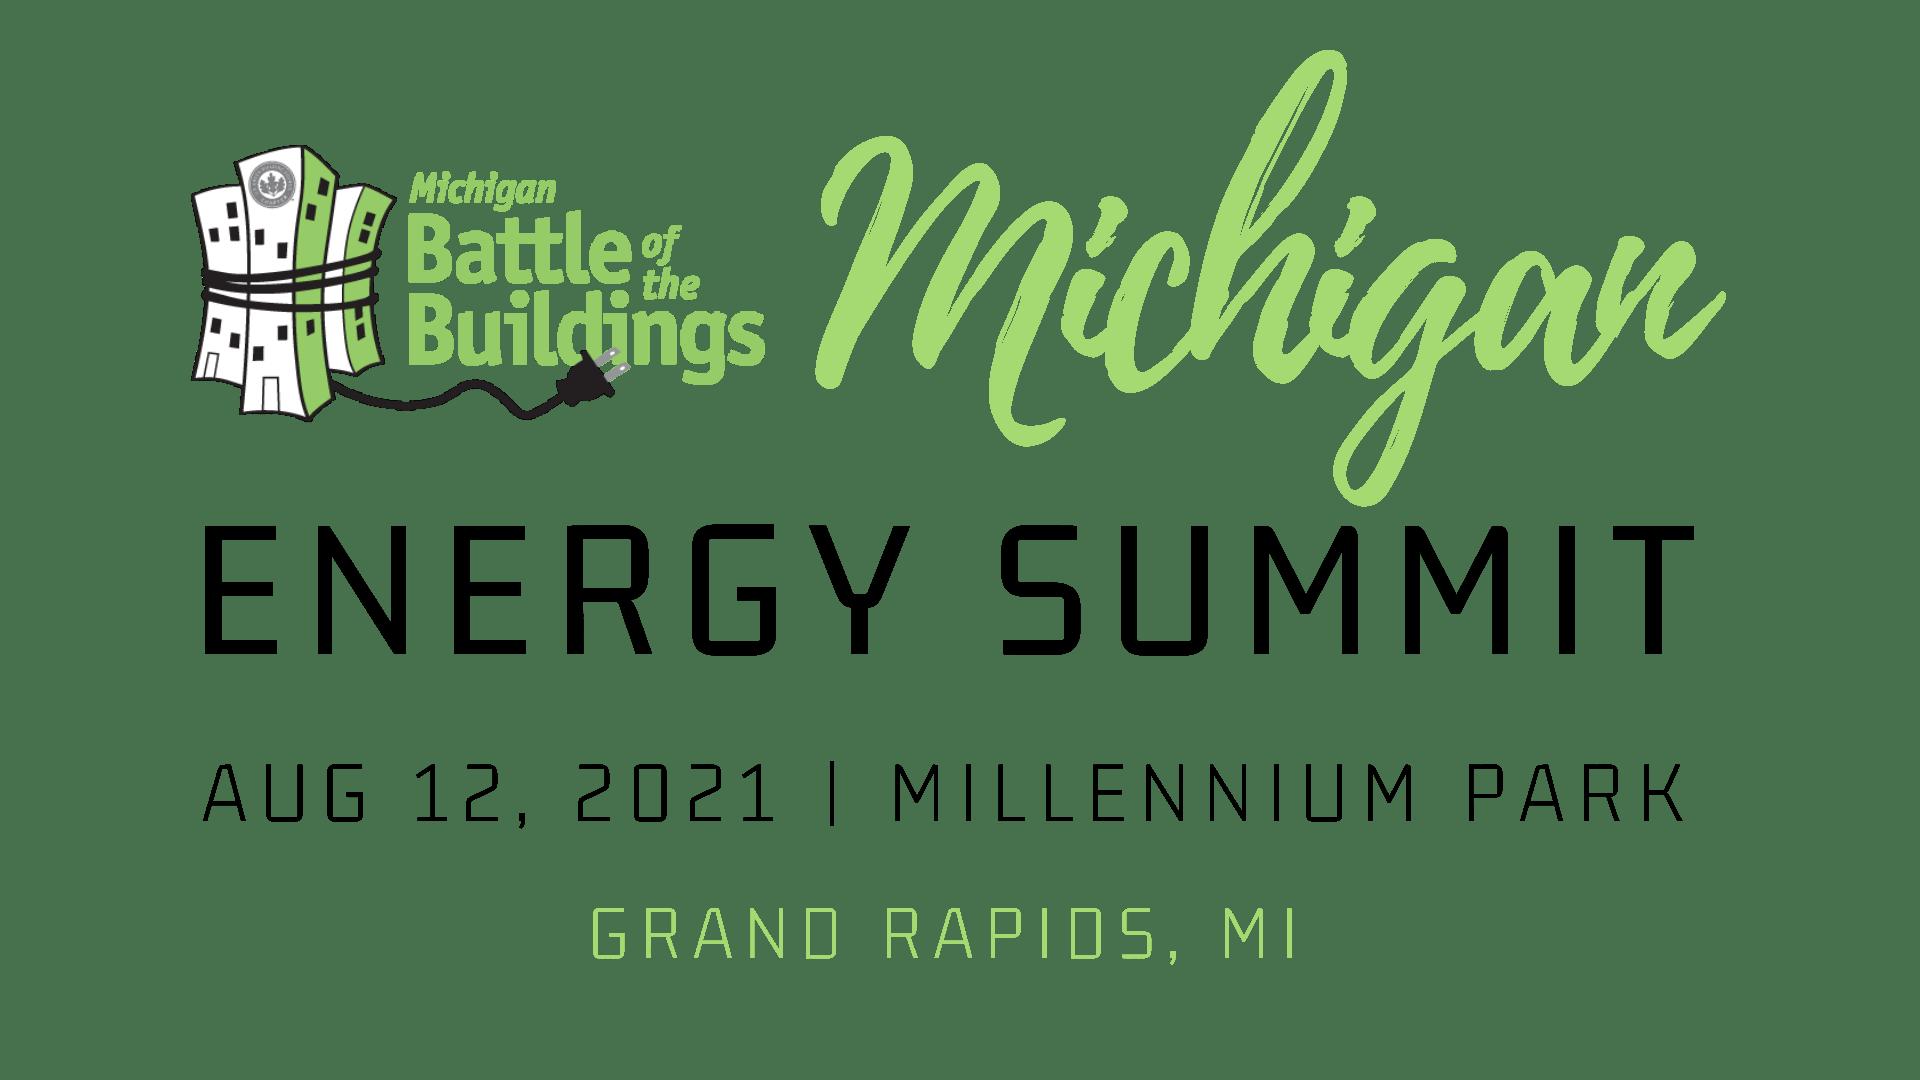 Michigan Energy Summit Eventbrite Graphic (2)